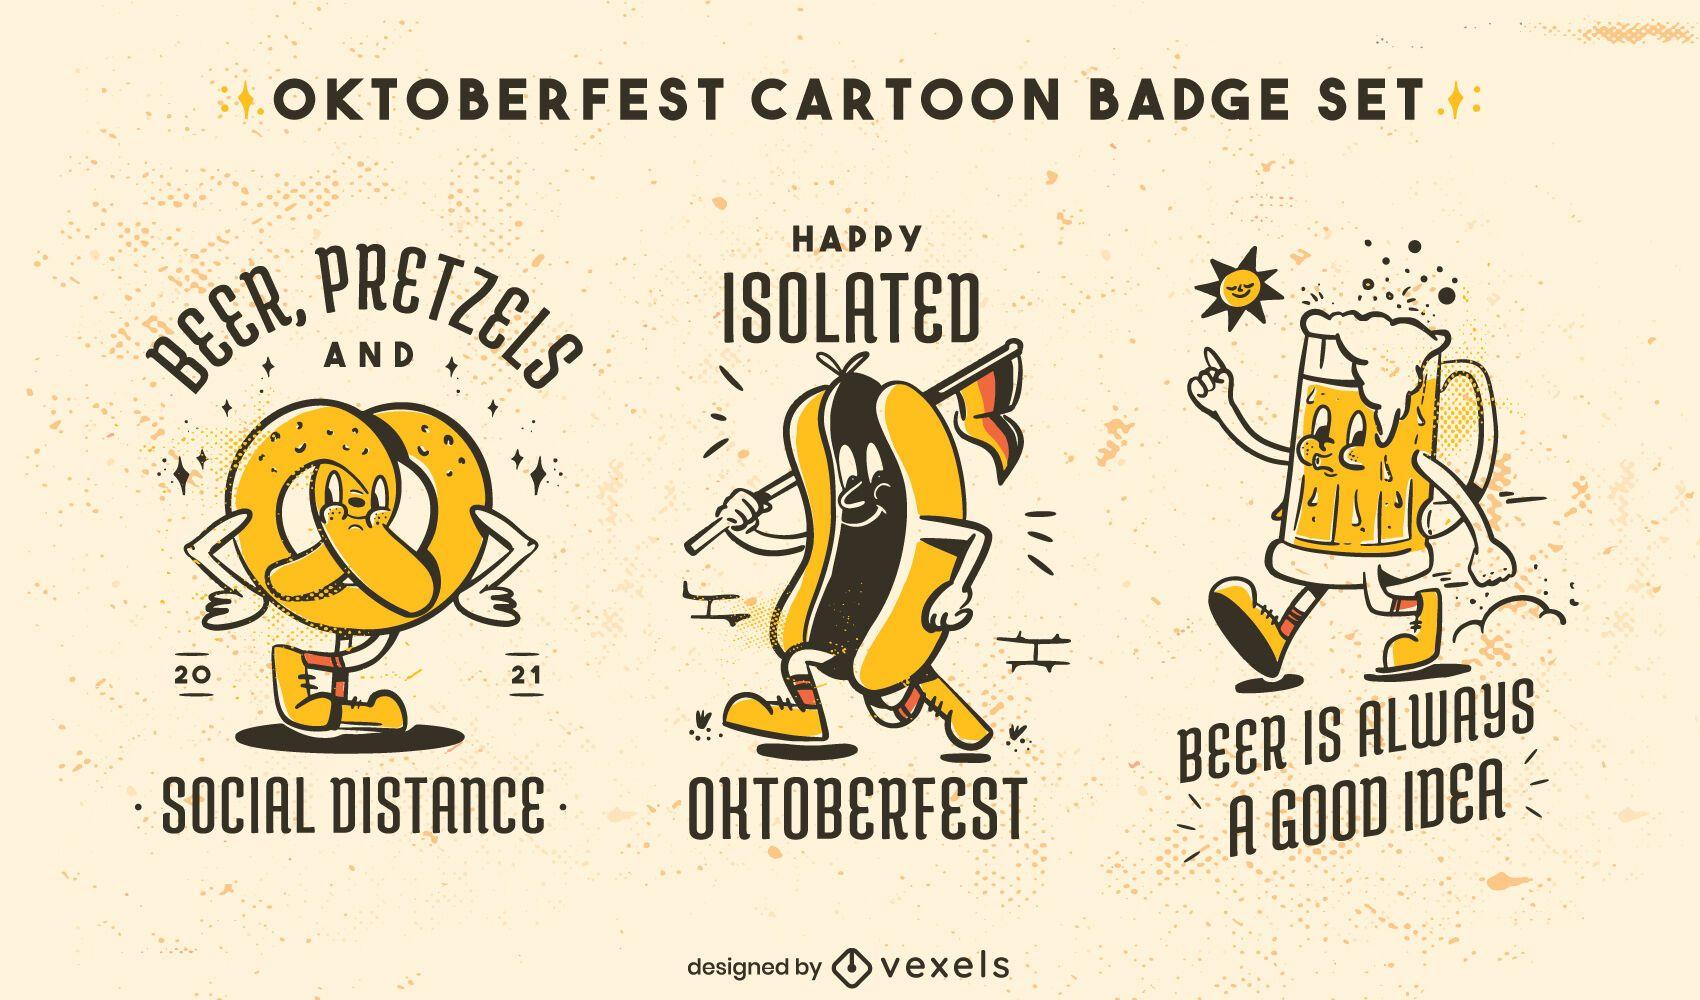 Oktoberfest retro cartoon food badge set